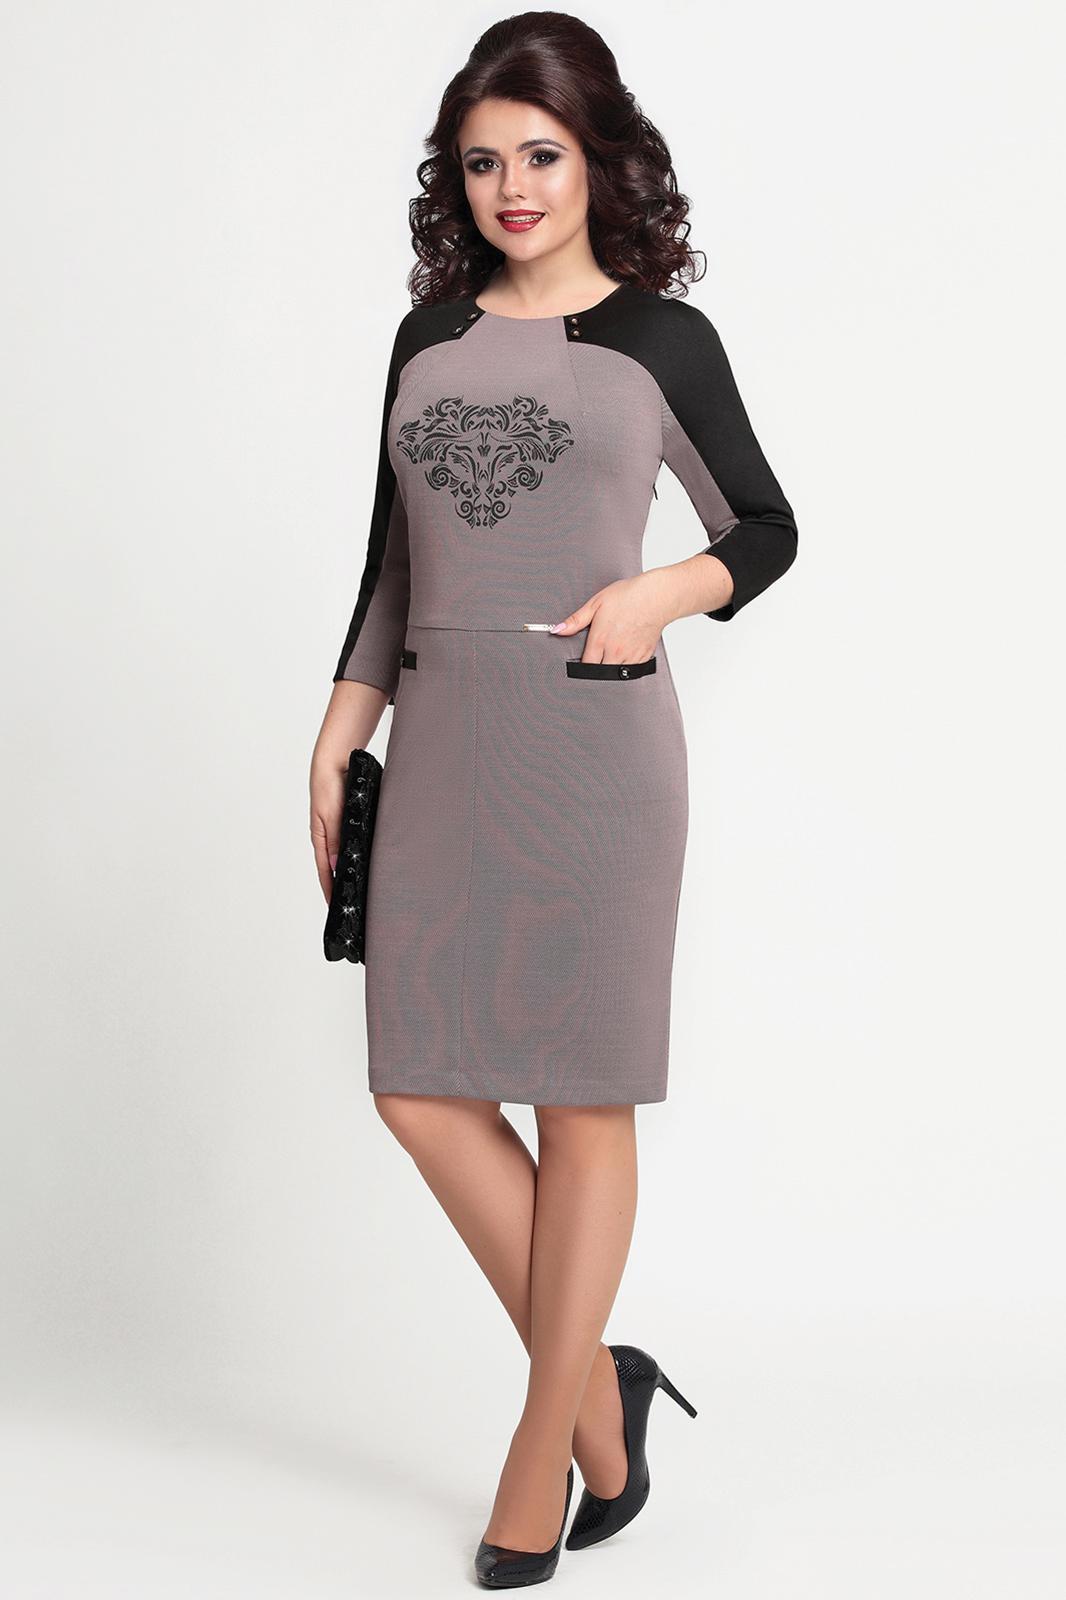 Купить Платье Mira Fashion, 4096 меланж серо-розовый с чёрным, Беларусь